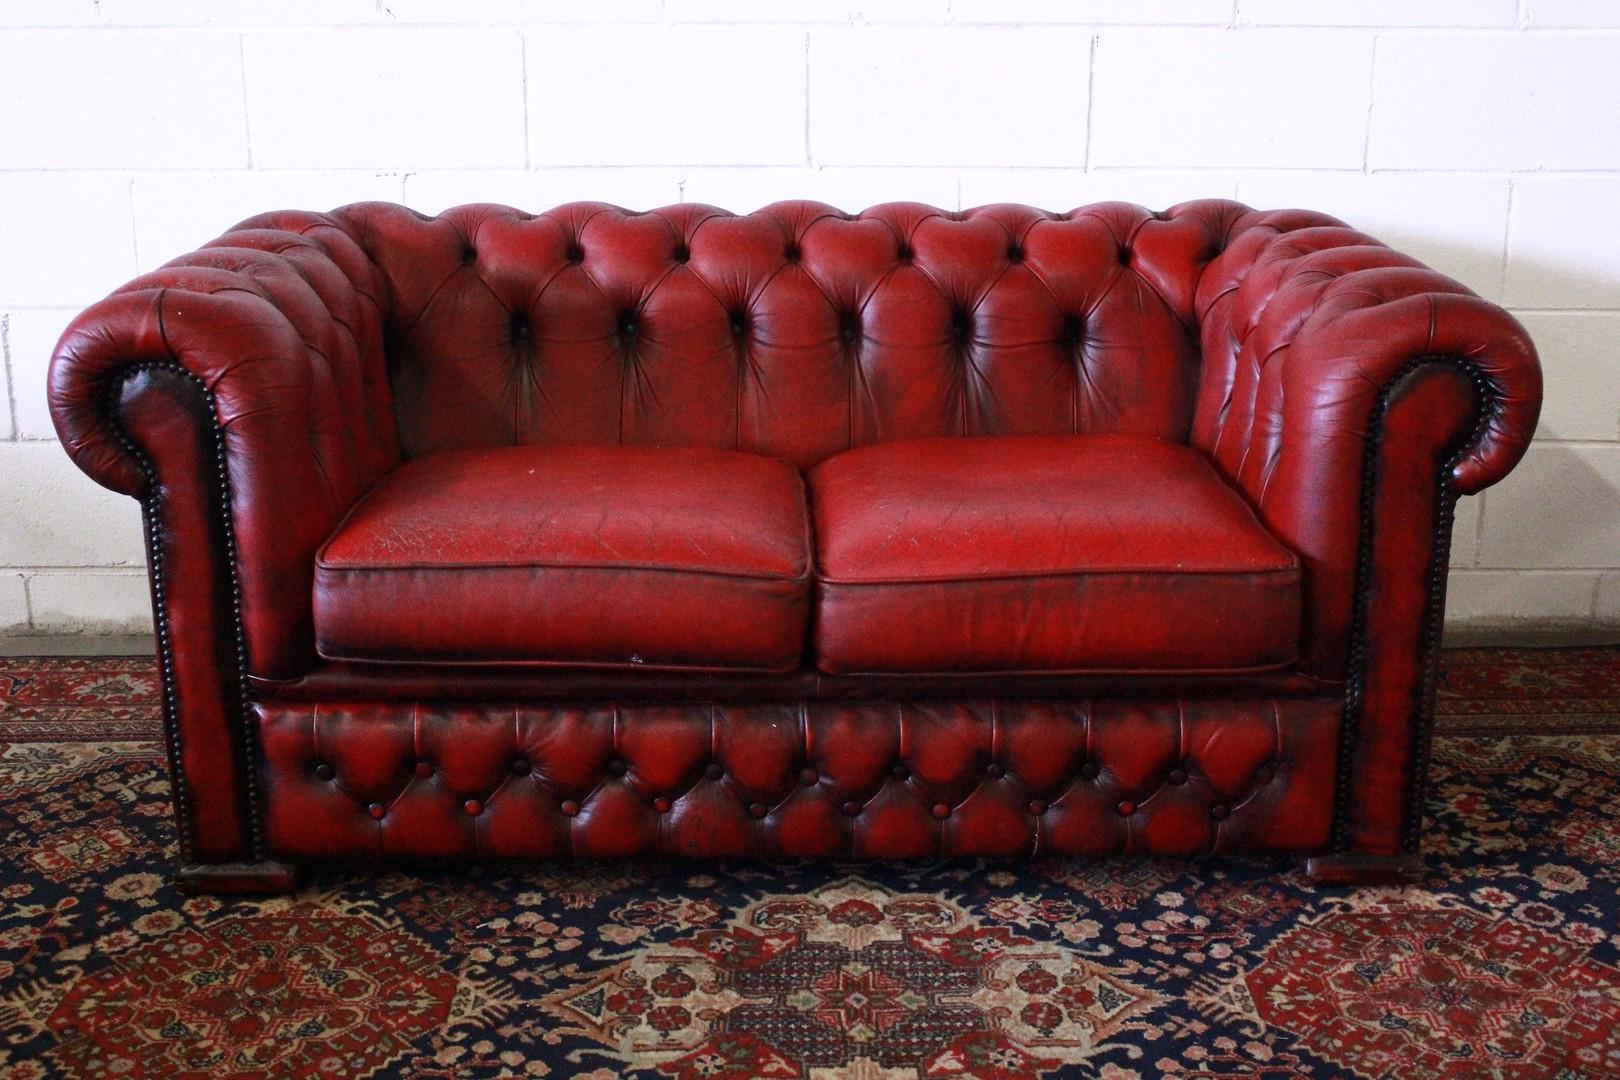 Divano chesterfield chester inglese 2 posti colore for Divano in inglese